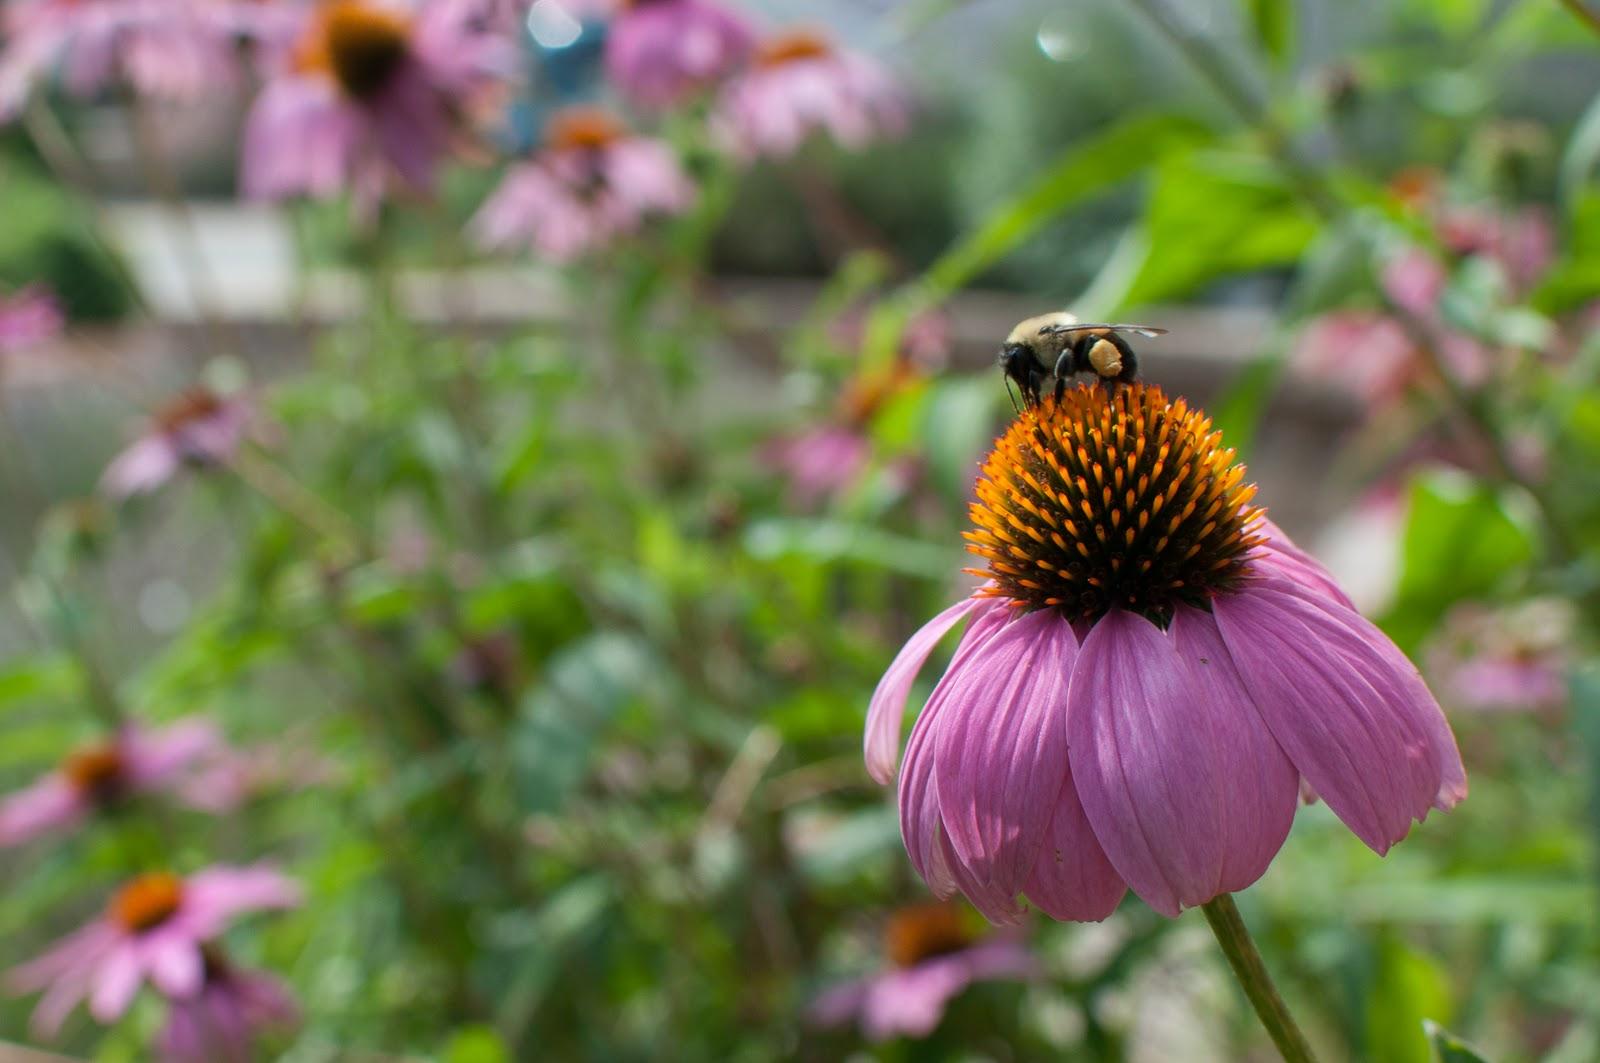 http://1.bp.blogspot.com/-BnyesNI_Ka0/TqLicWI6WxI/AAAAAAAAEKY/m_fvvOXeqpw/s1600/BeeAndFlower.jpg